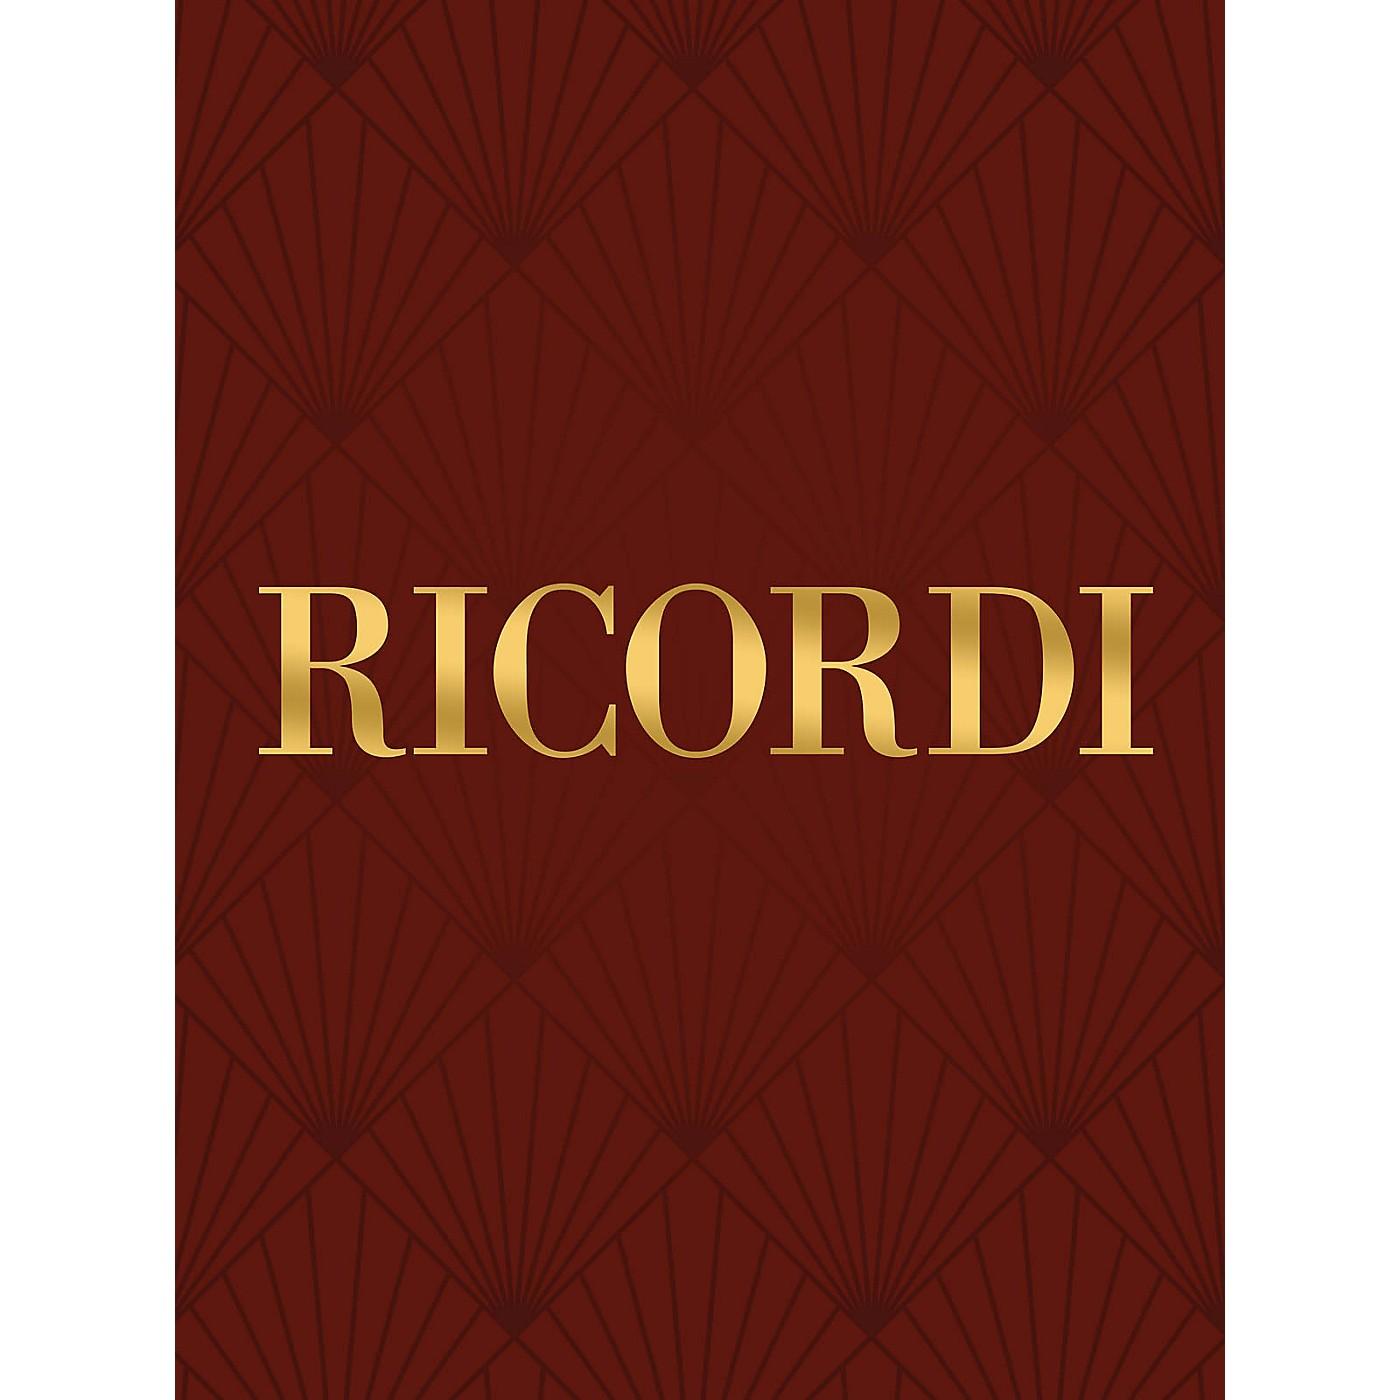 Ricordi Essential Technique: The Barré (Guitar Technique) Ricordi London Series thumbnail